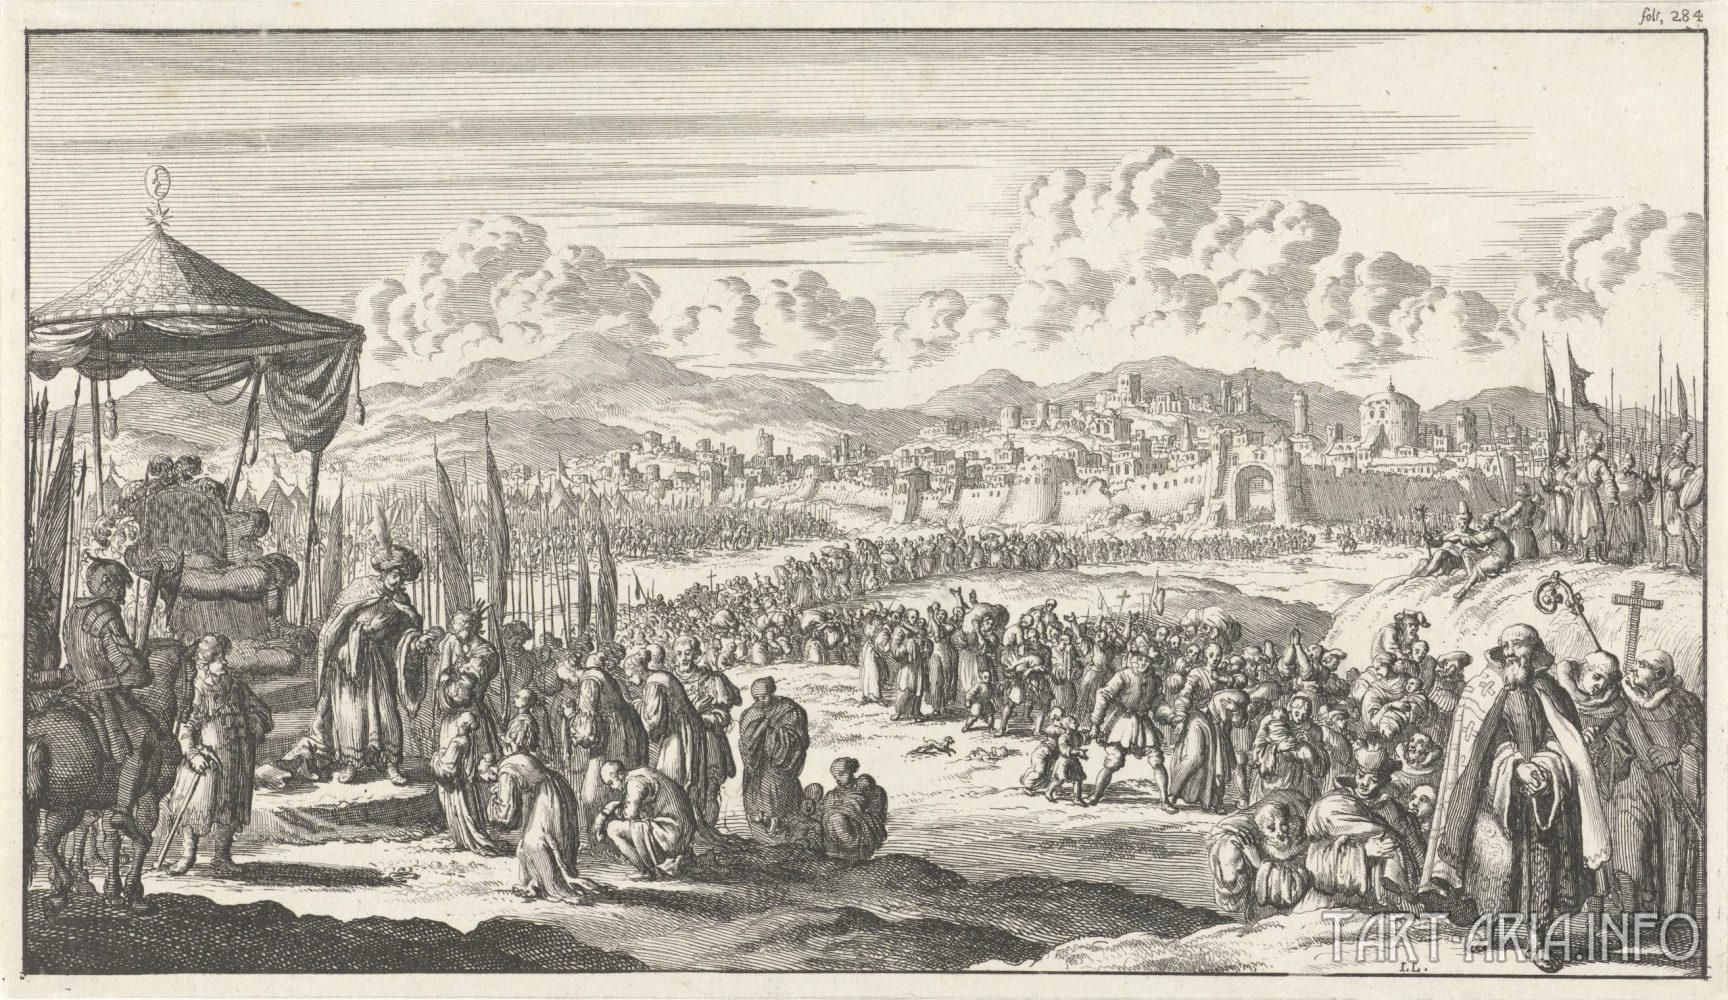 Recapture of Jerusalem in 1187 CE by Saladin (Engraved by Jan Luyken in 1683).